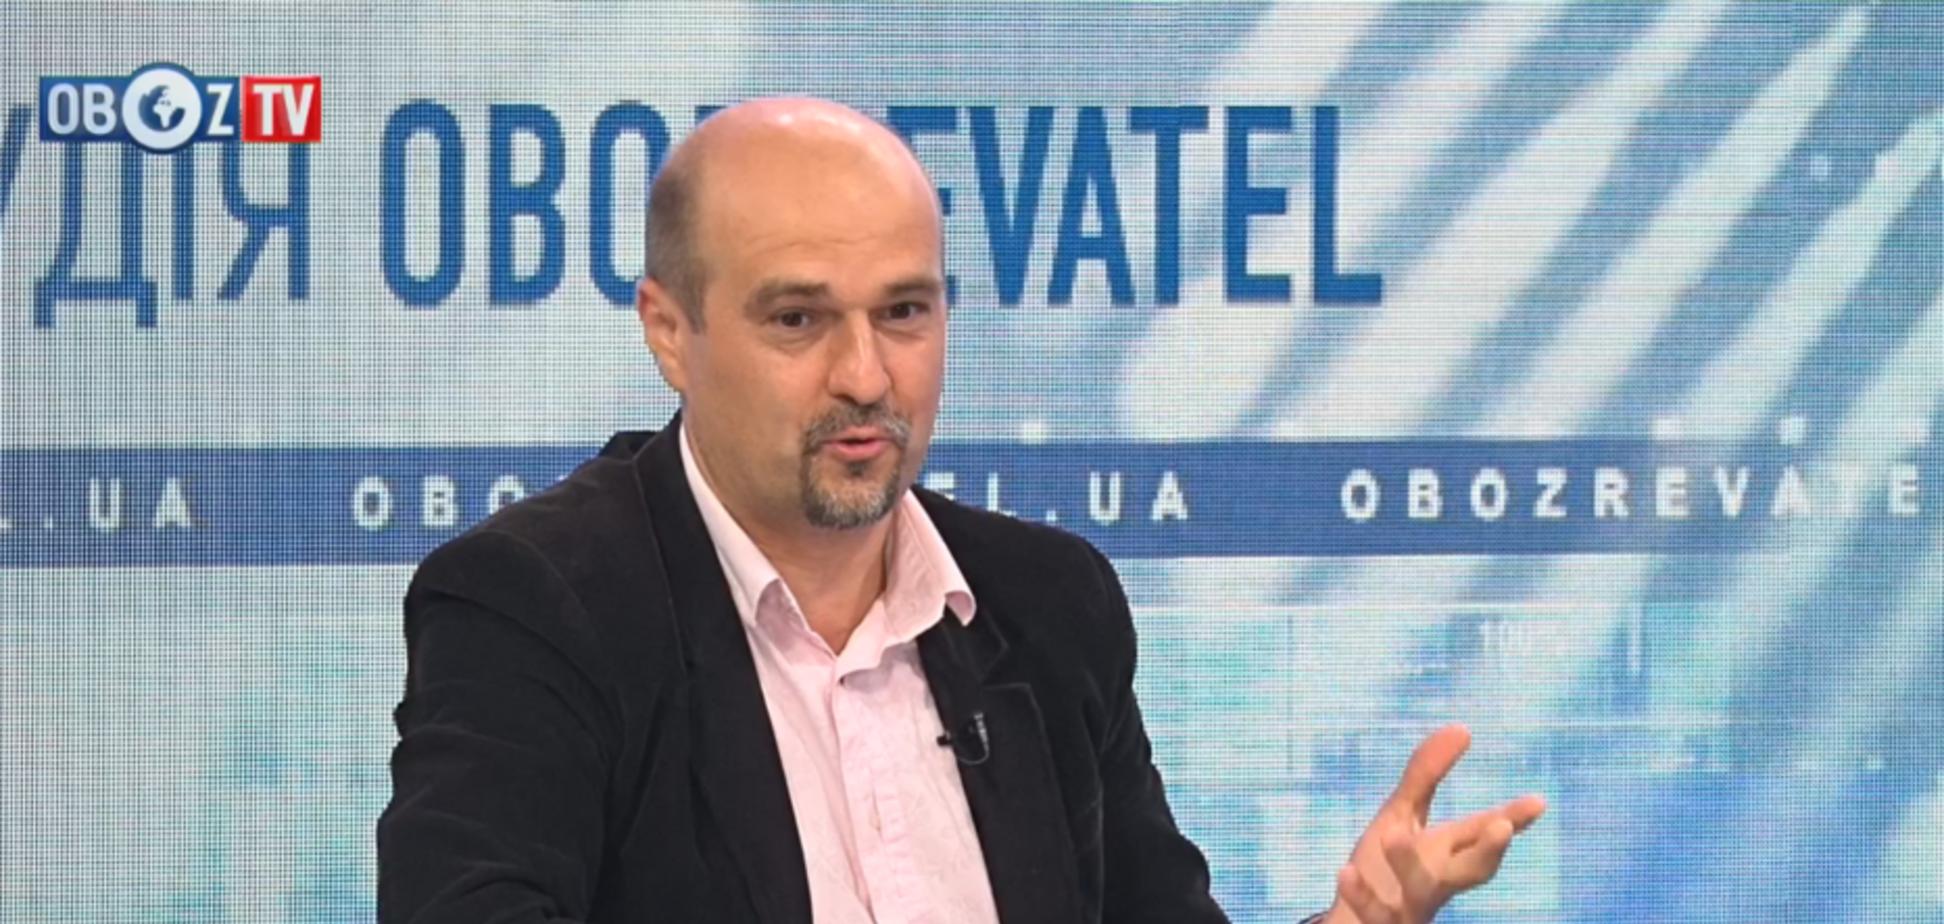 Впервые за семь лет: футбольный эксперт объяснил важность встречи сборных Италии и Украины